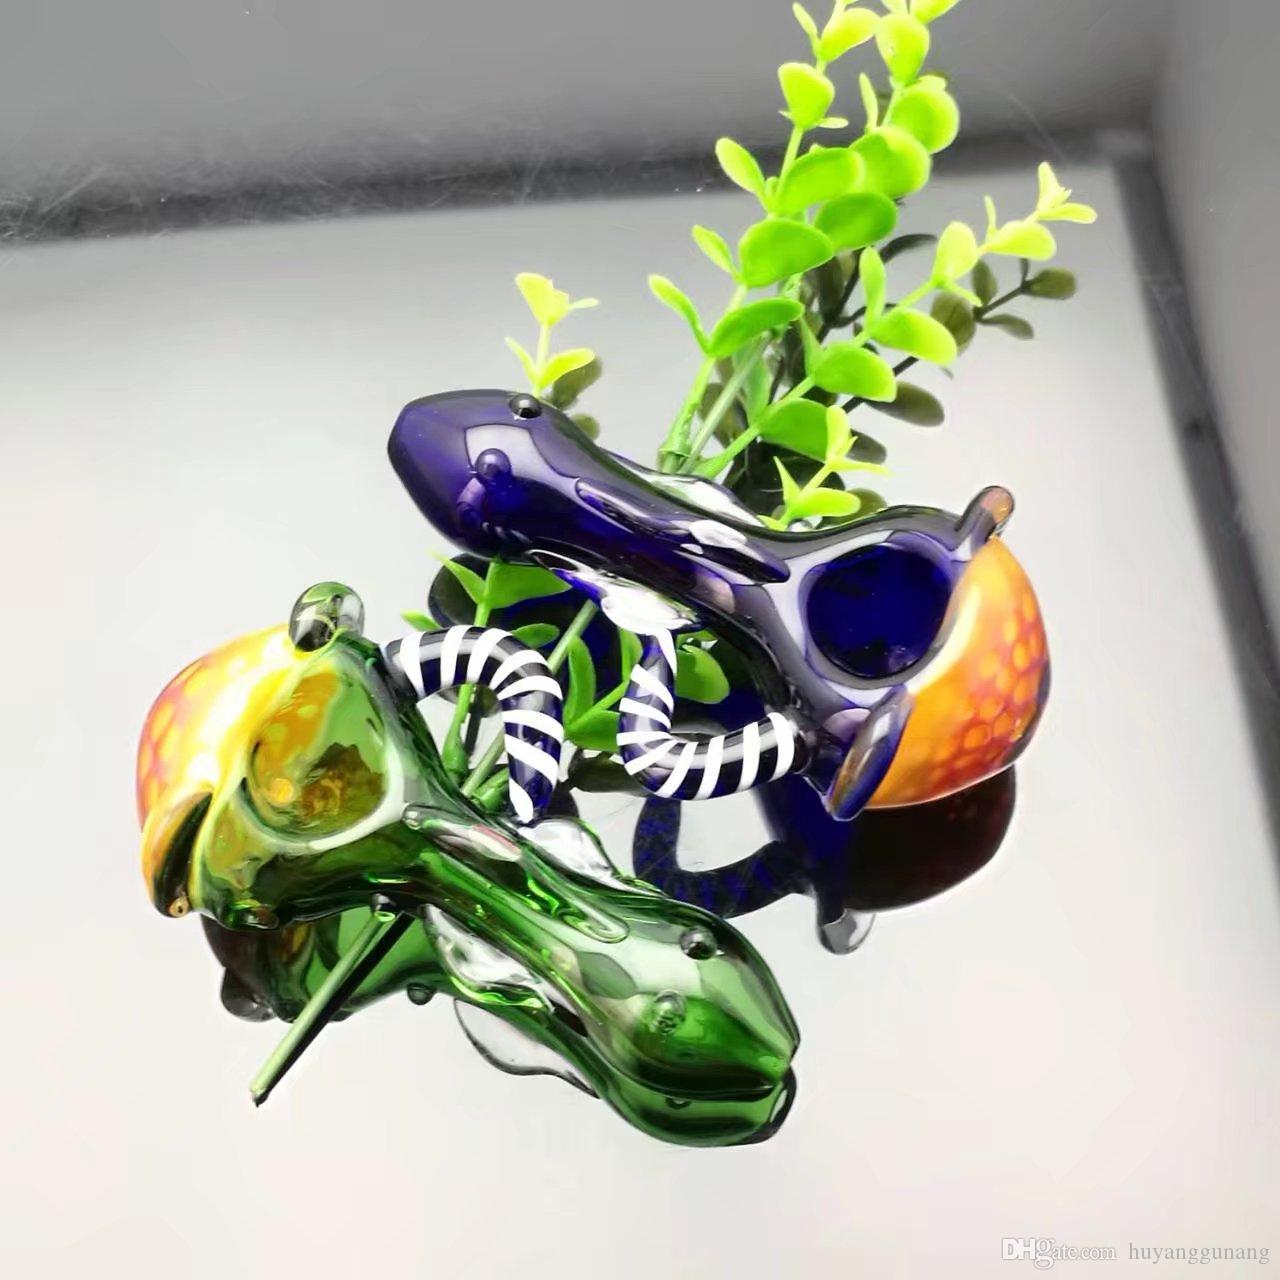 Panal de vidrio en color panal Venta al por mayor de vidrio Cachimba, accesorios de tubería de agua de vidrio, envío gratis